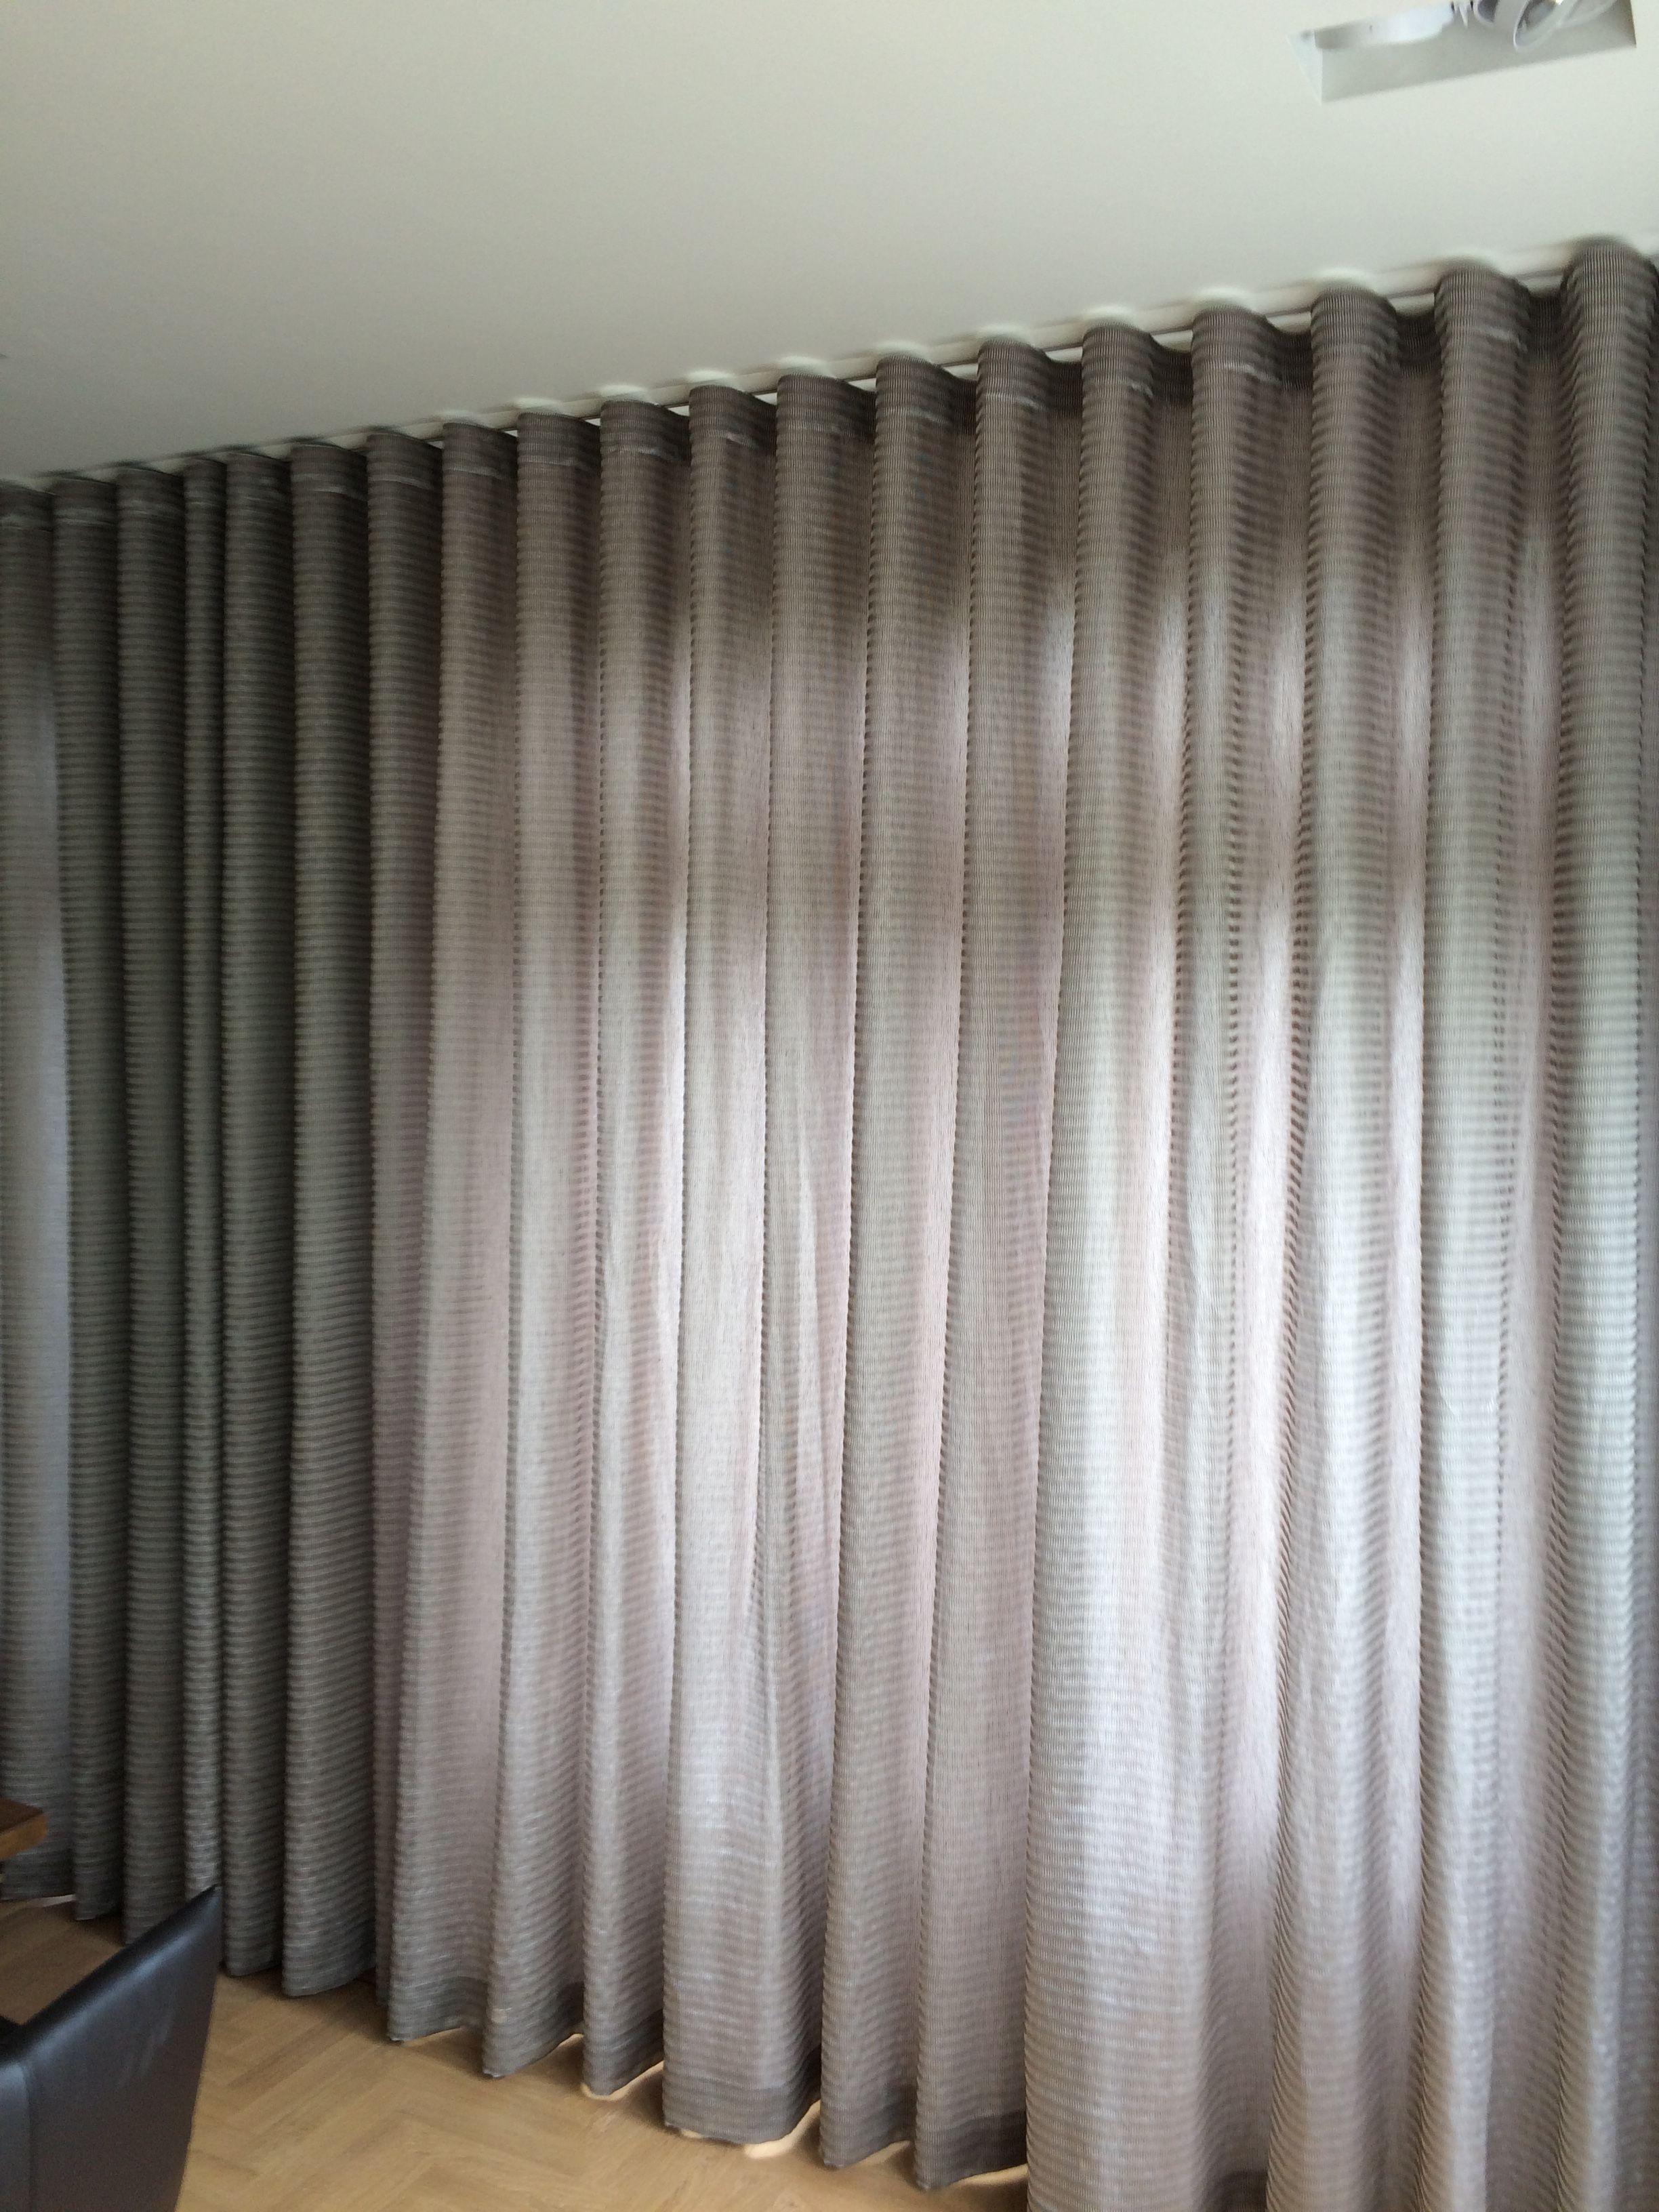 Gordijnen kamer hoog soepel vallende stof, waardoor geschikt voor ...